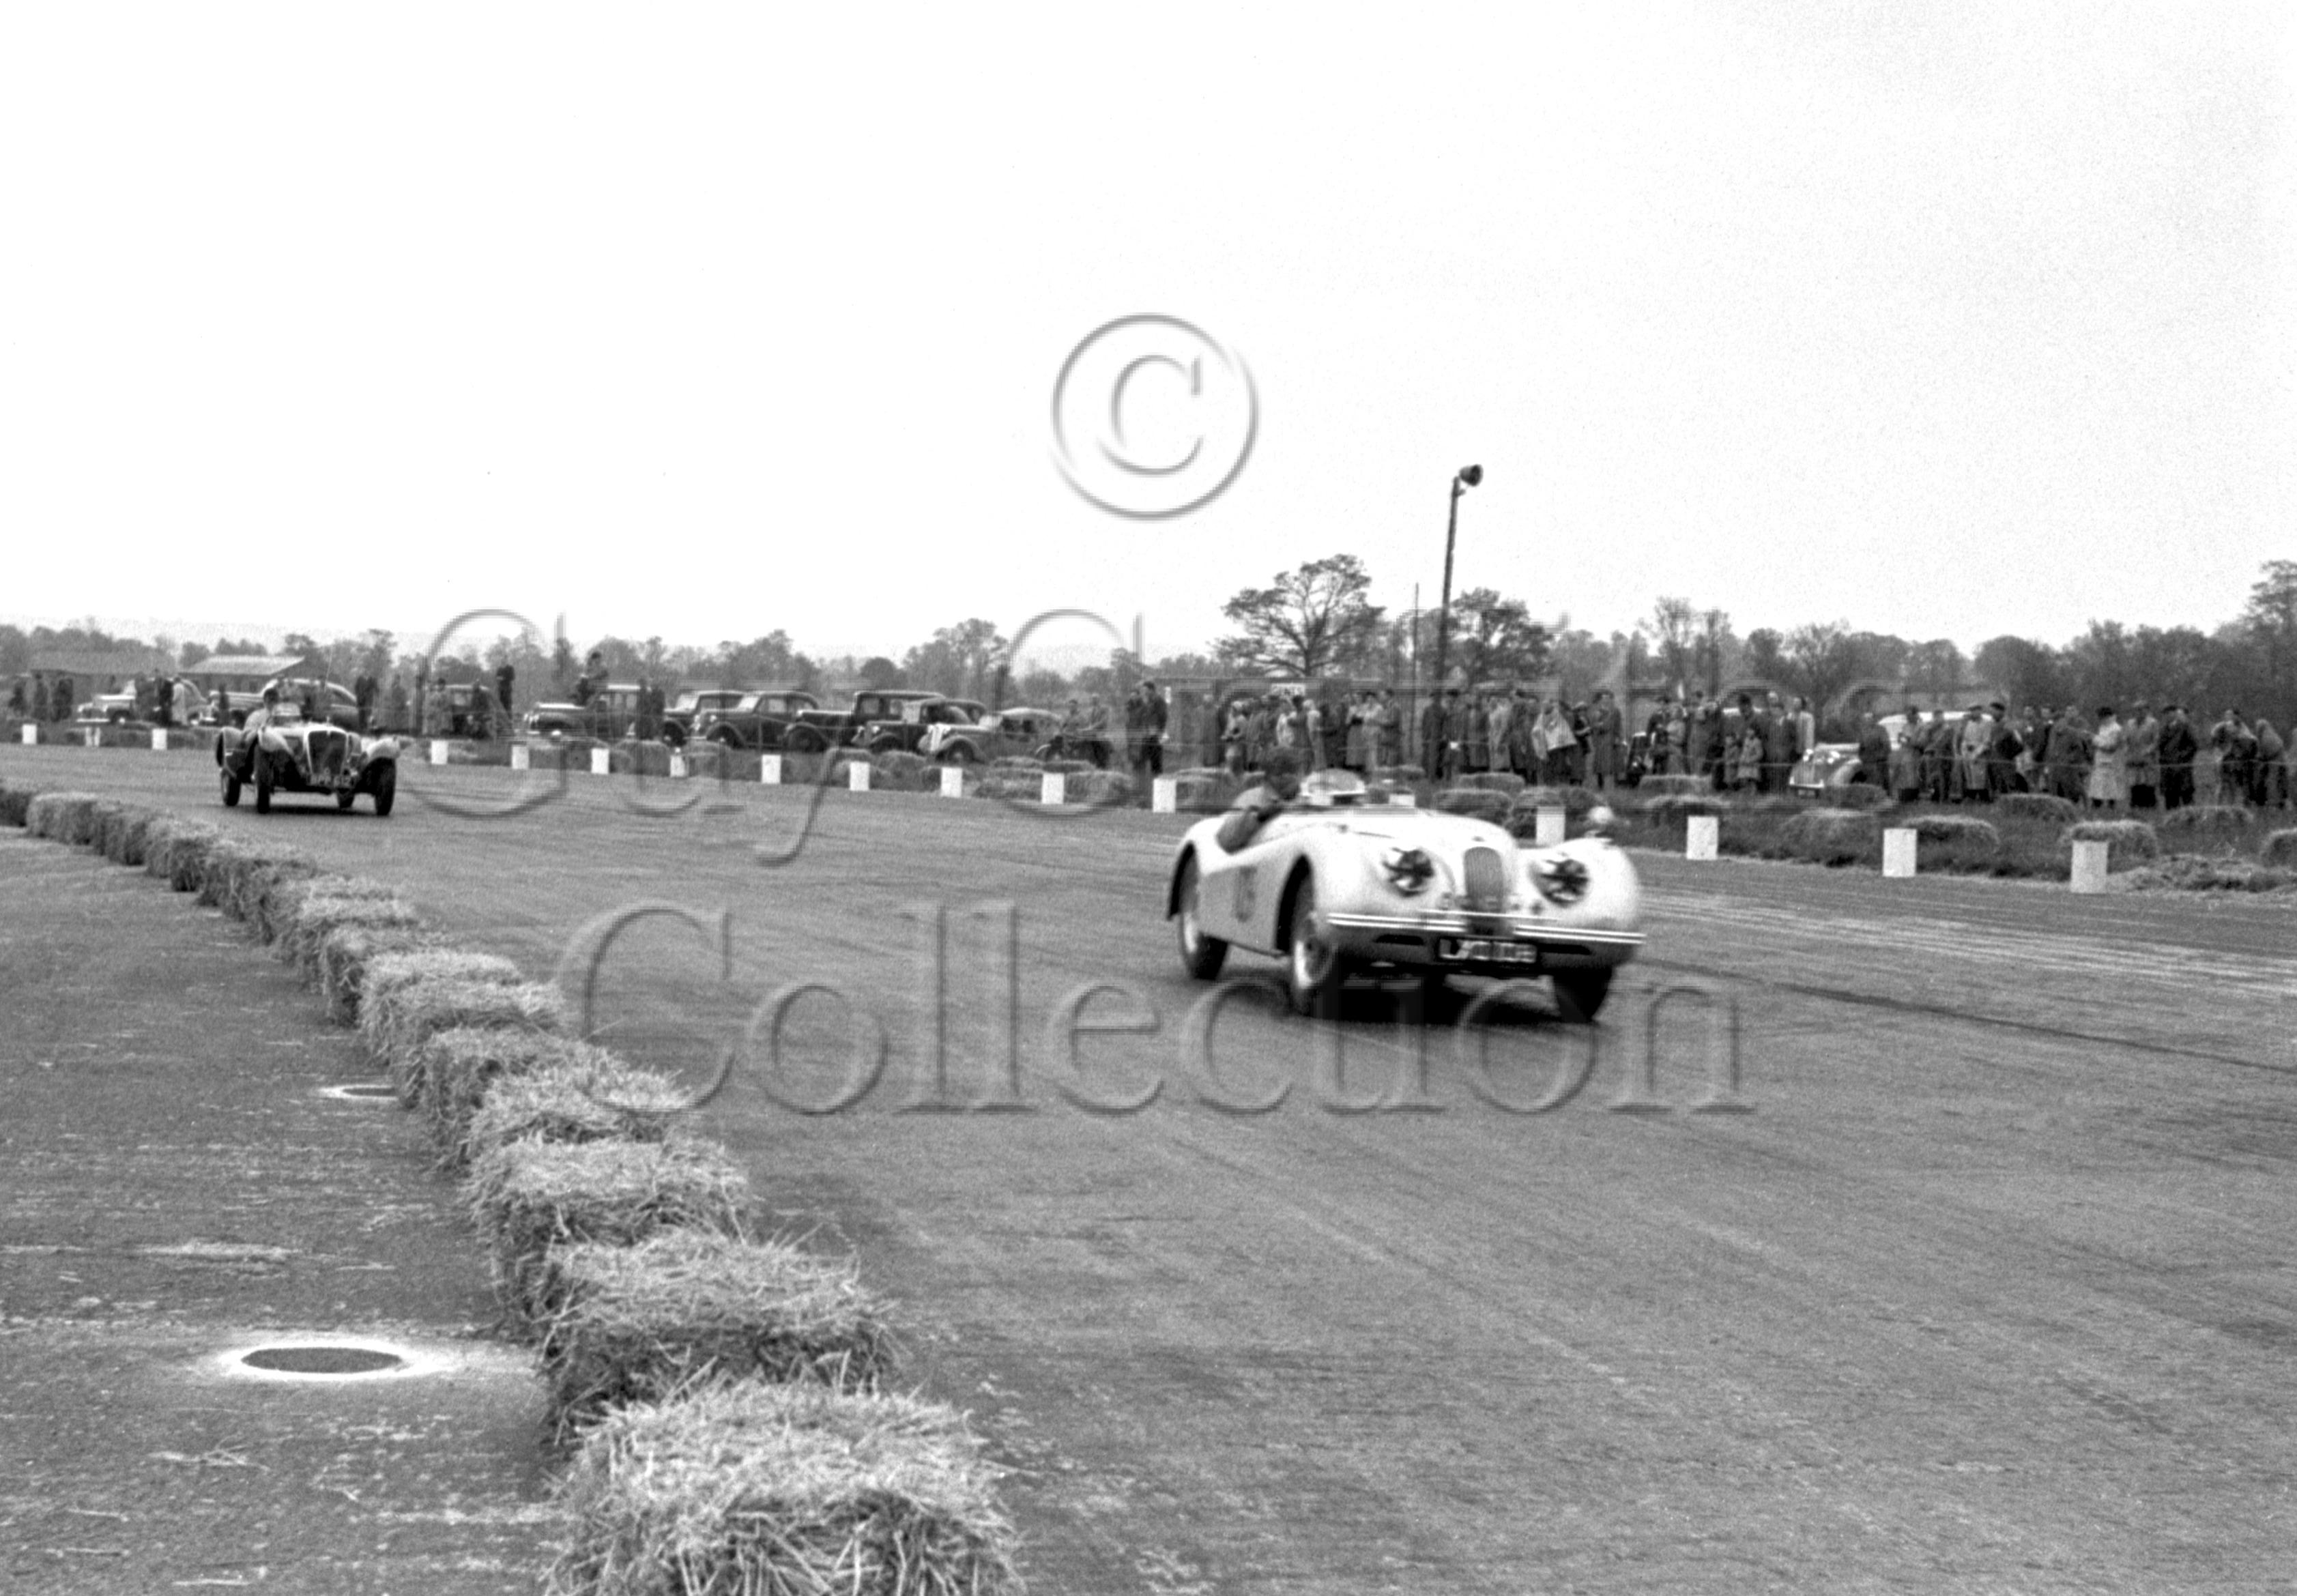 44-196–A-Hoffman–Jaguar–Boreham–26-05-1951.jpg - Guy Griffiths Collection